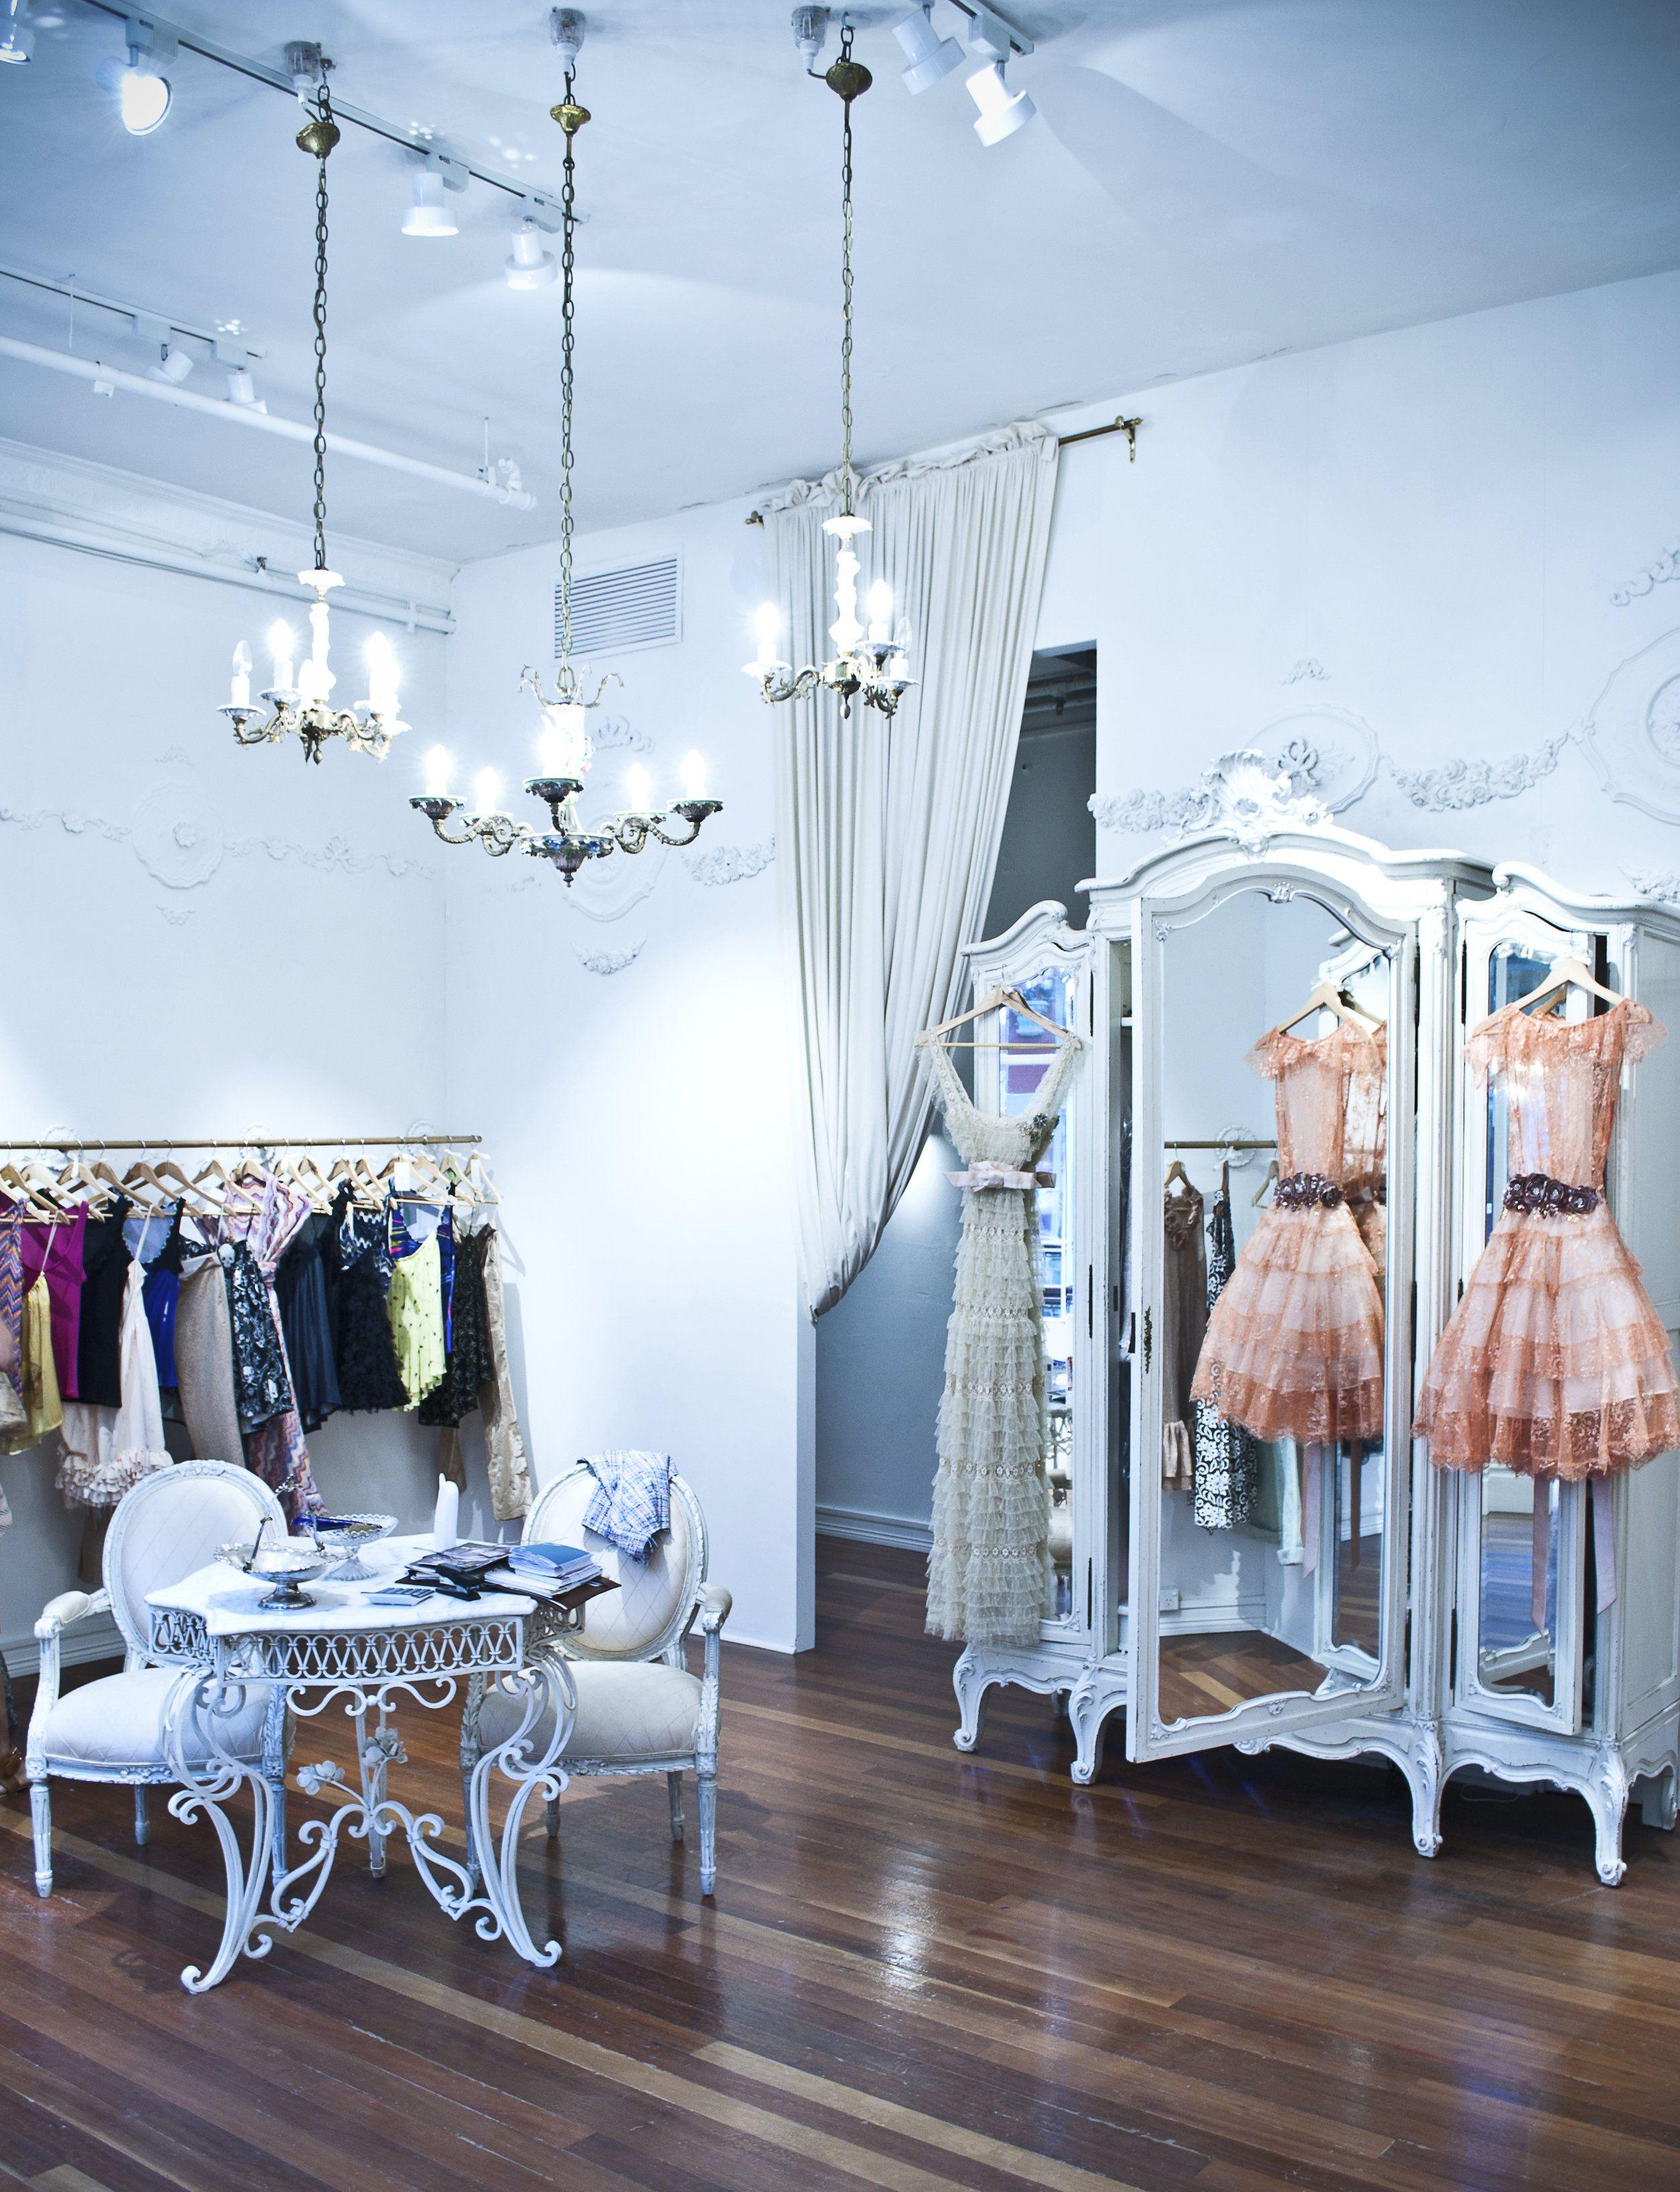 Ankleidezimmer Fashion Traum Ankleide Zimmer Ankleidezimmer Und Ankleide